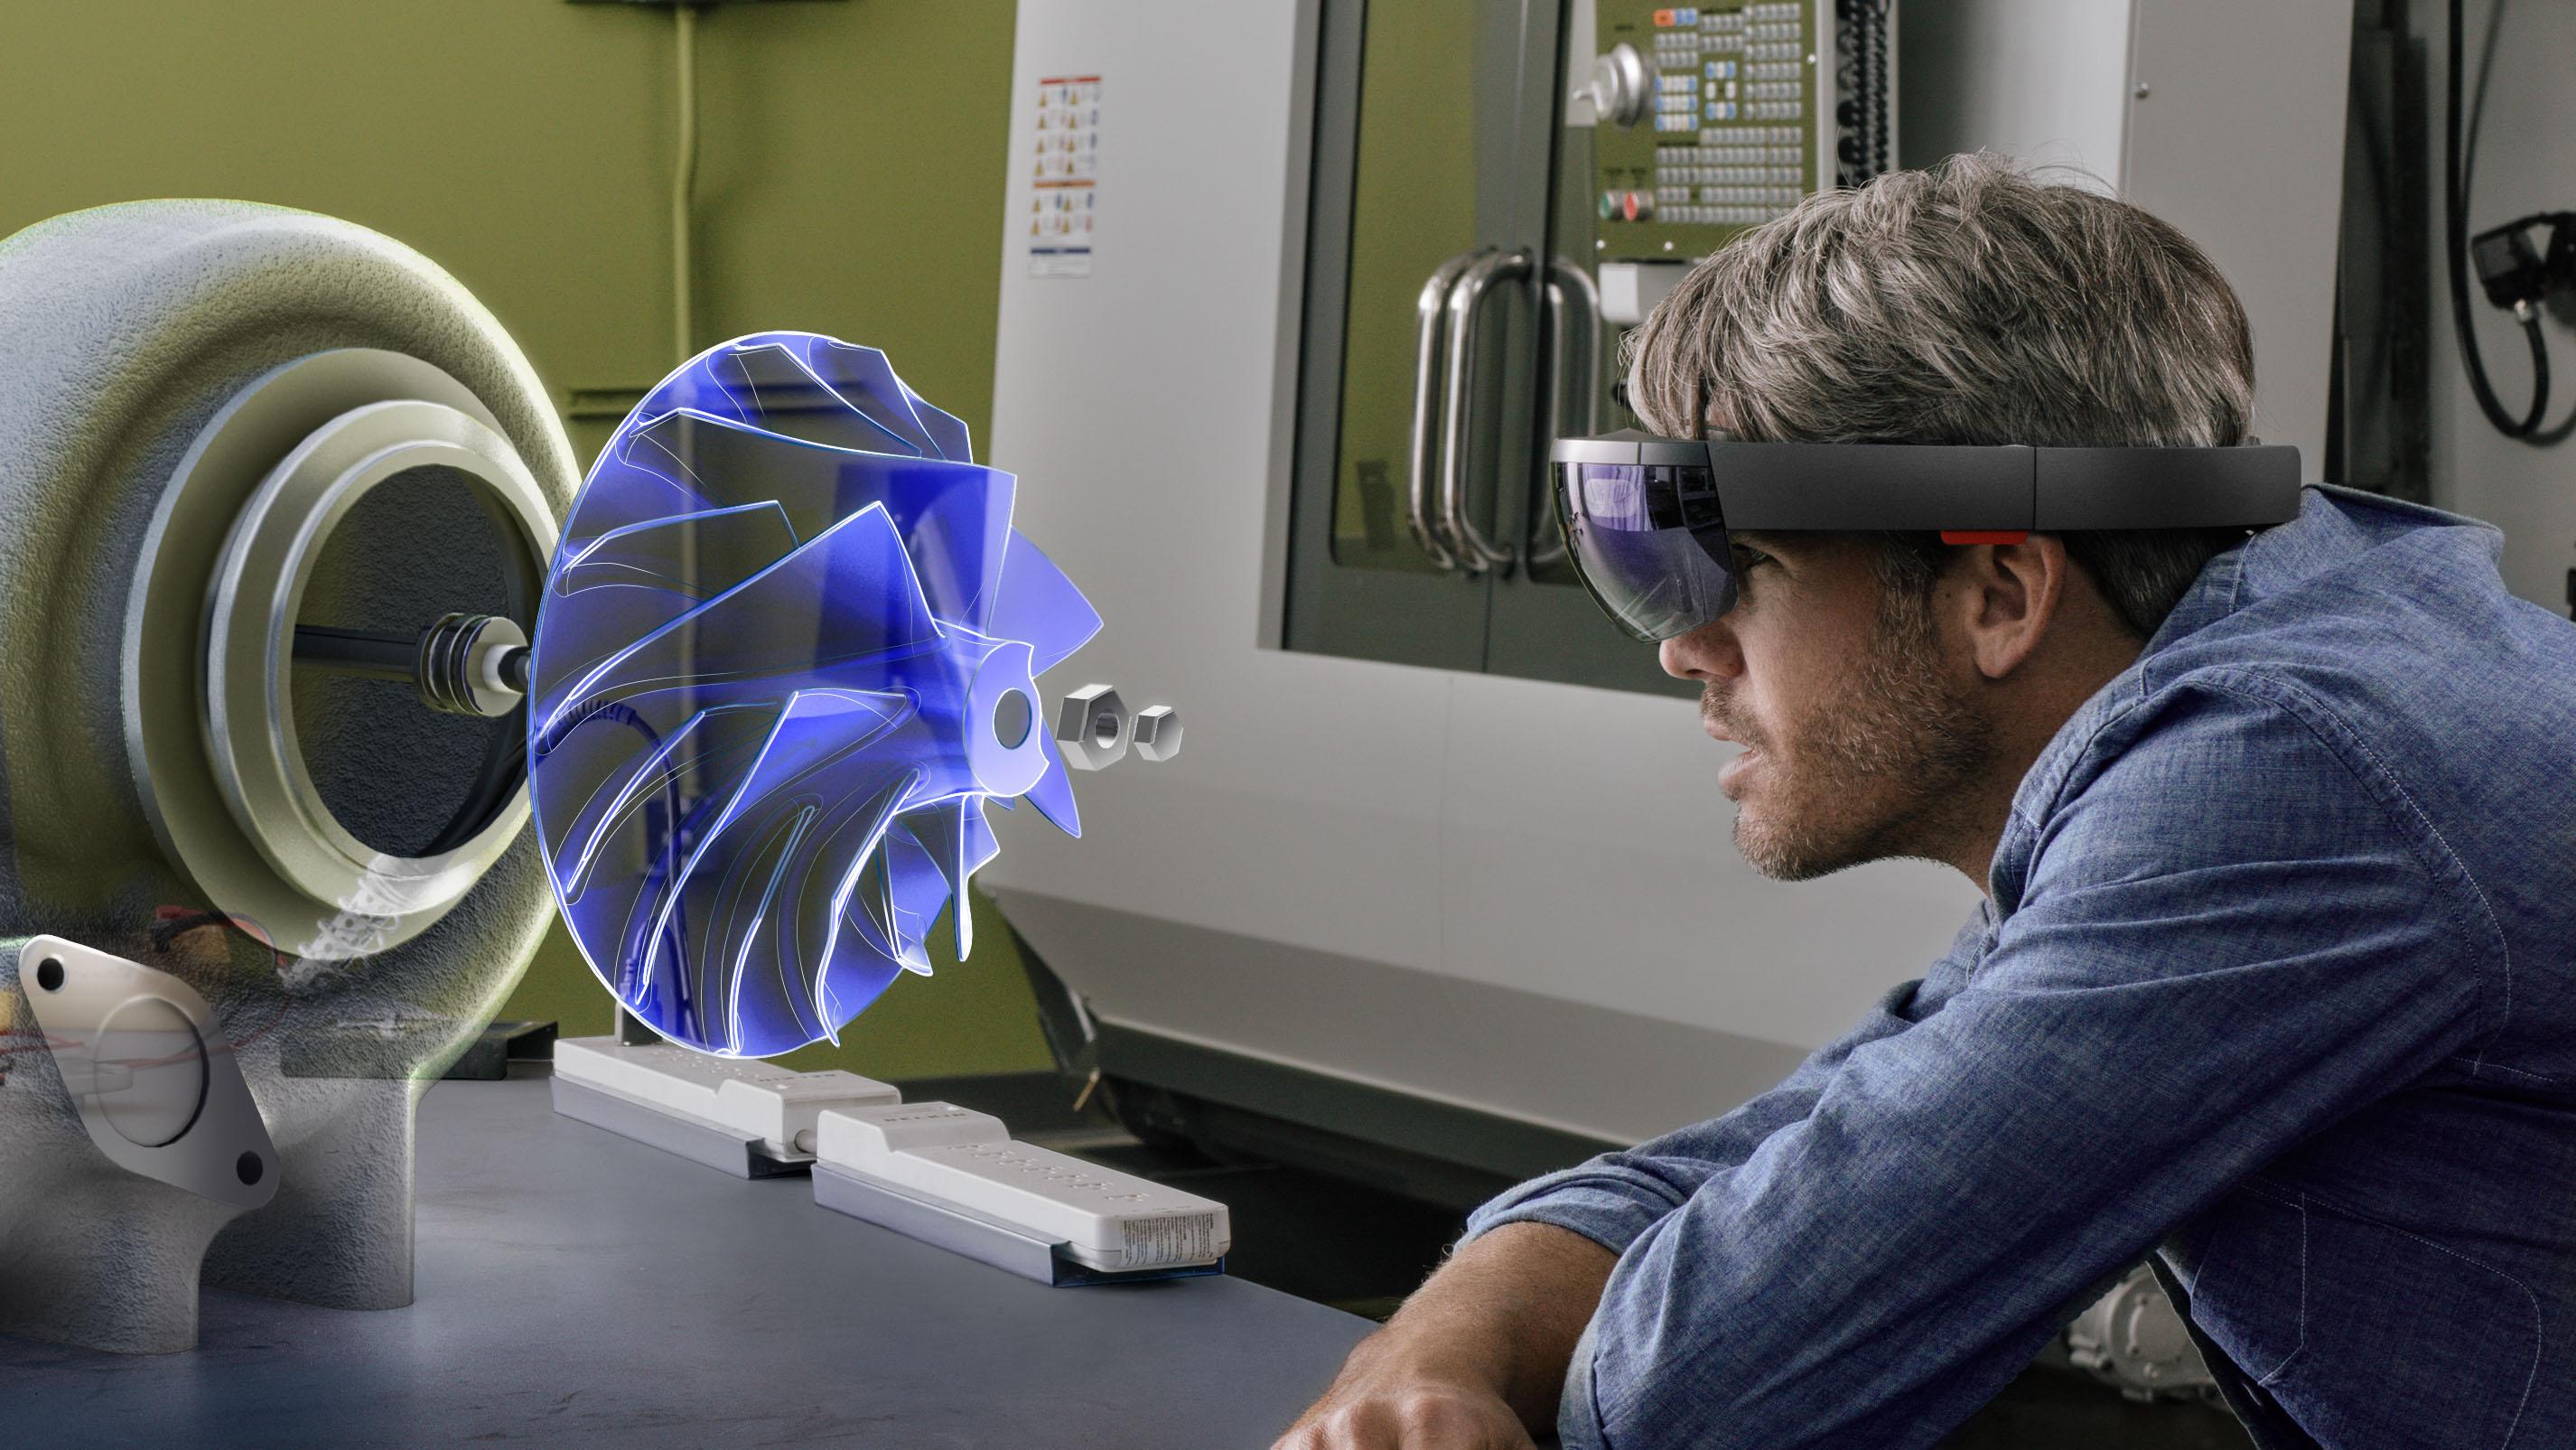 Hololens 2 : Microsoft revient au MWC pour une annonce spéciale